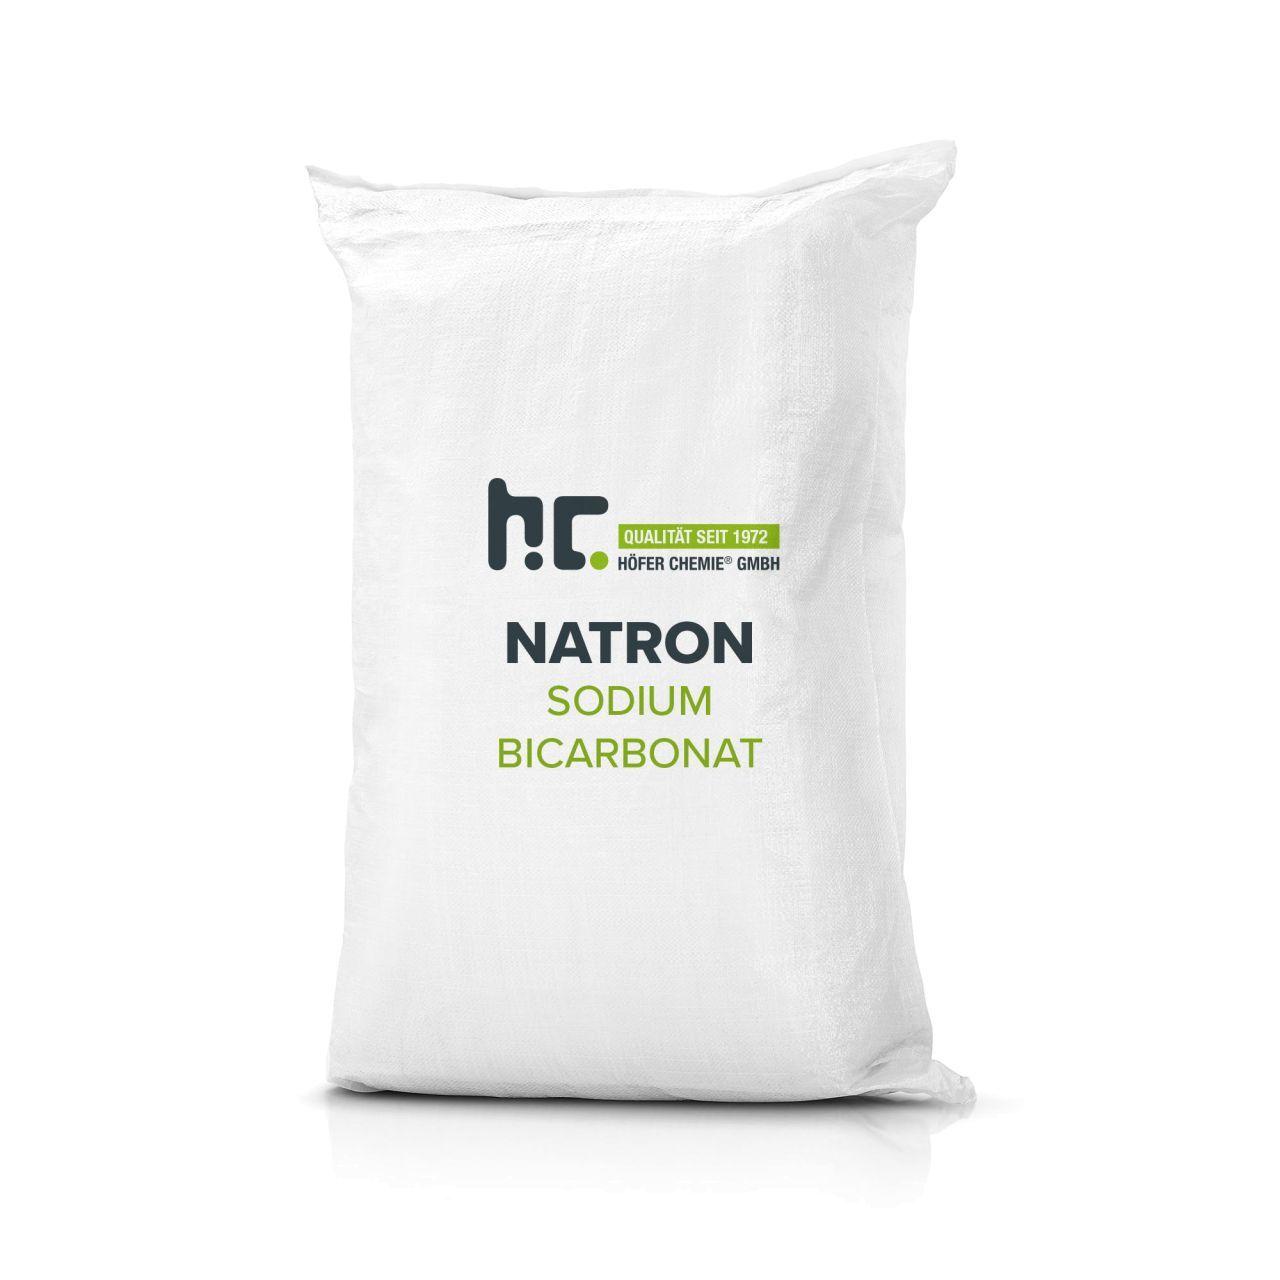 Höfer Chemie 50 kg de bicarbonate de sodium en qualité alimentaire (2 x 25 kg)